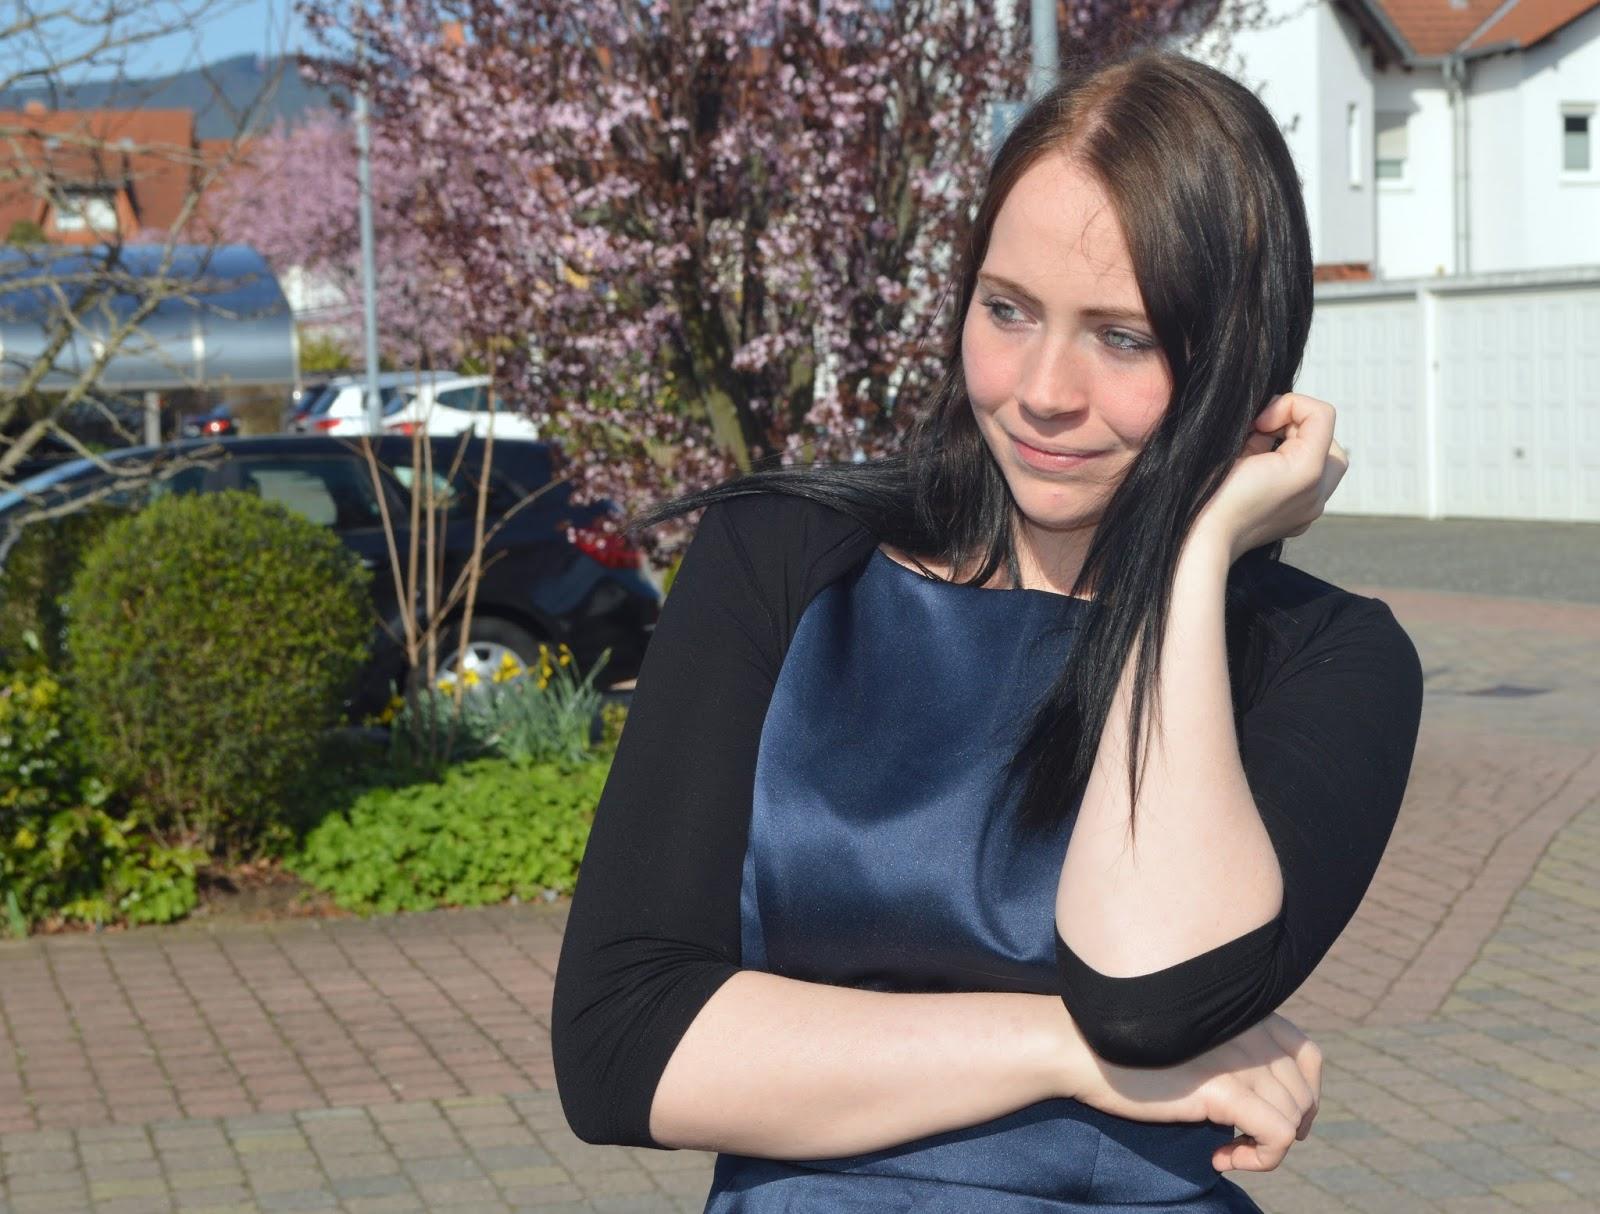 Mein Outfit für die Hochzeit im Mai   Beautiful Fairy- Inspirationen ...